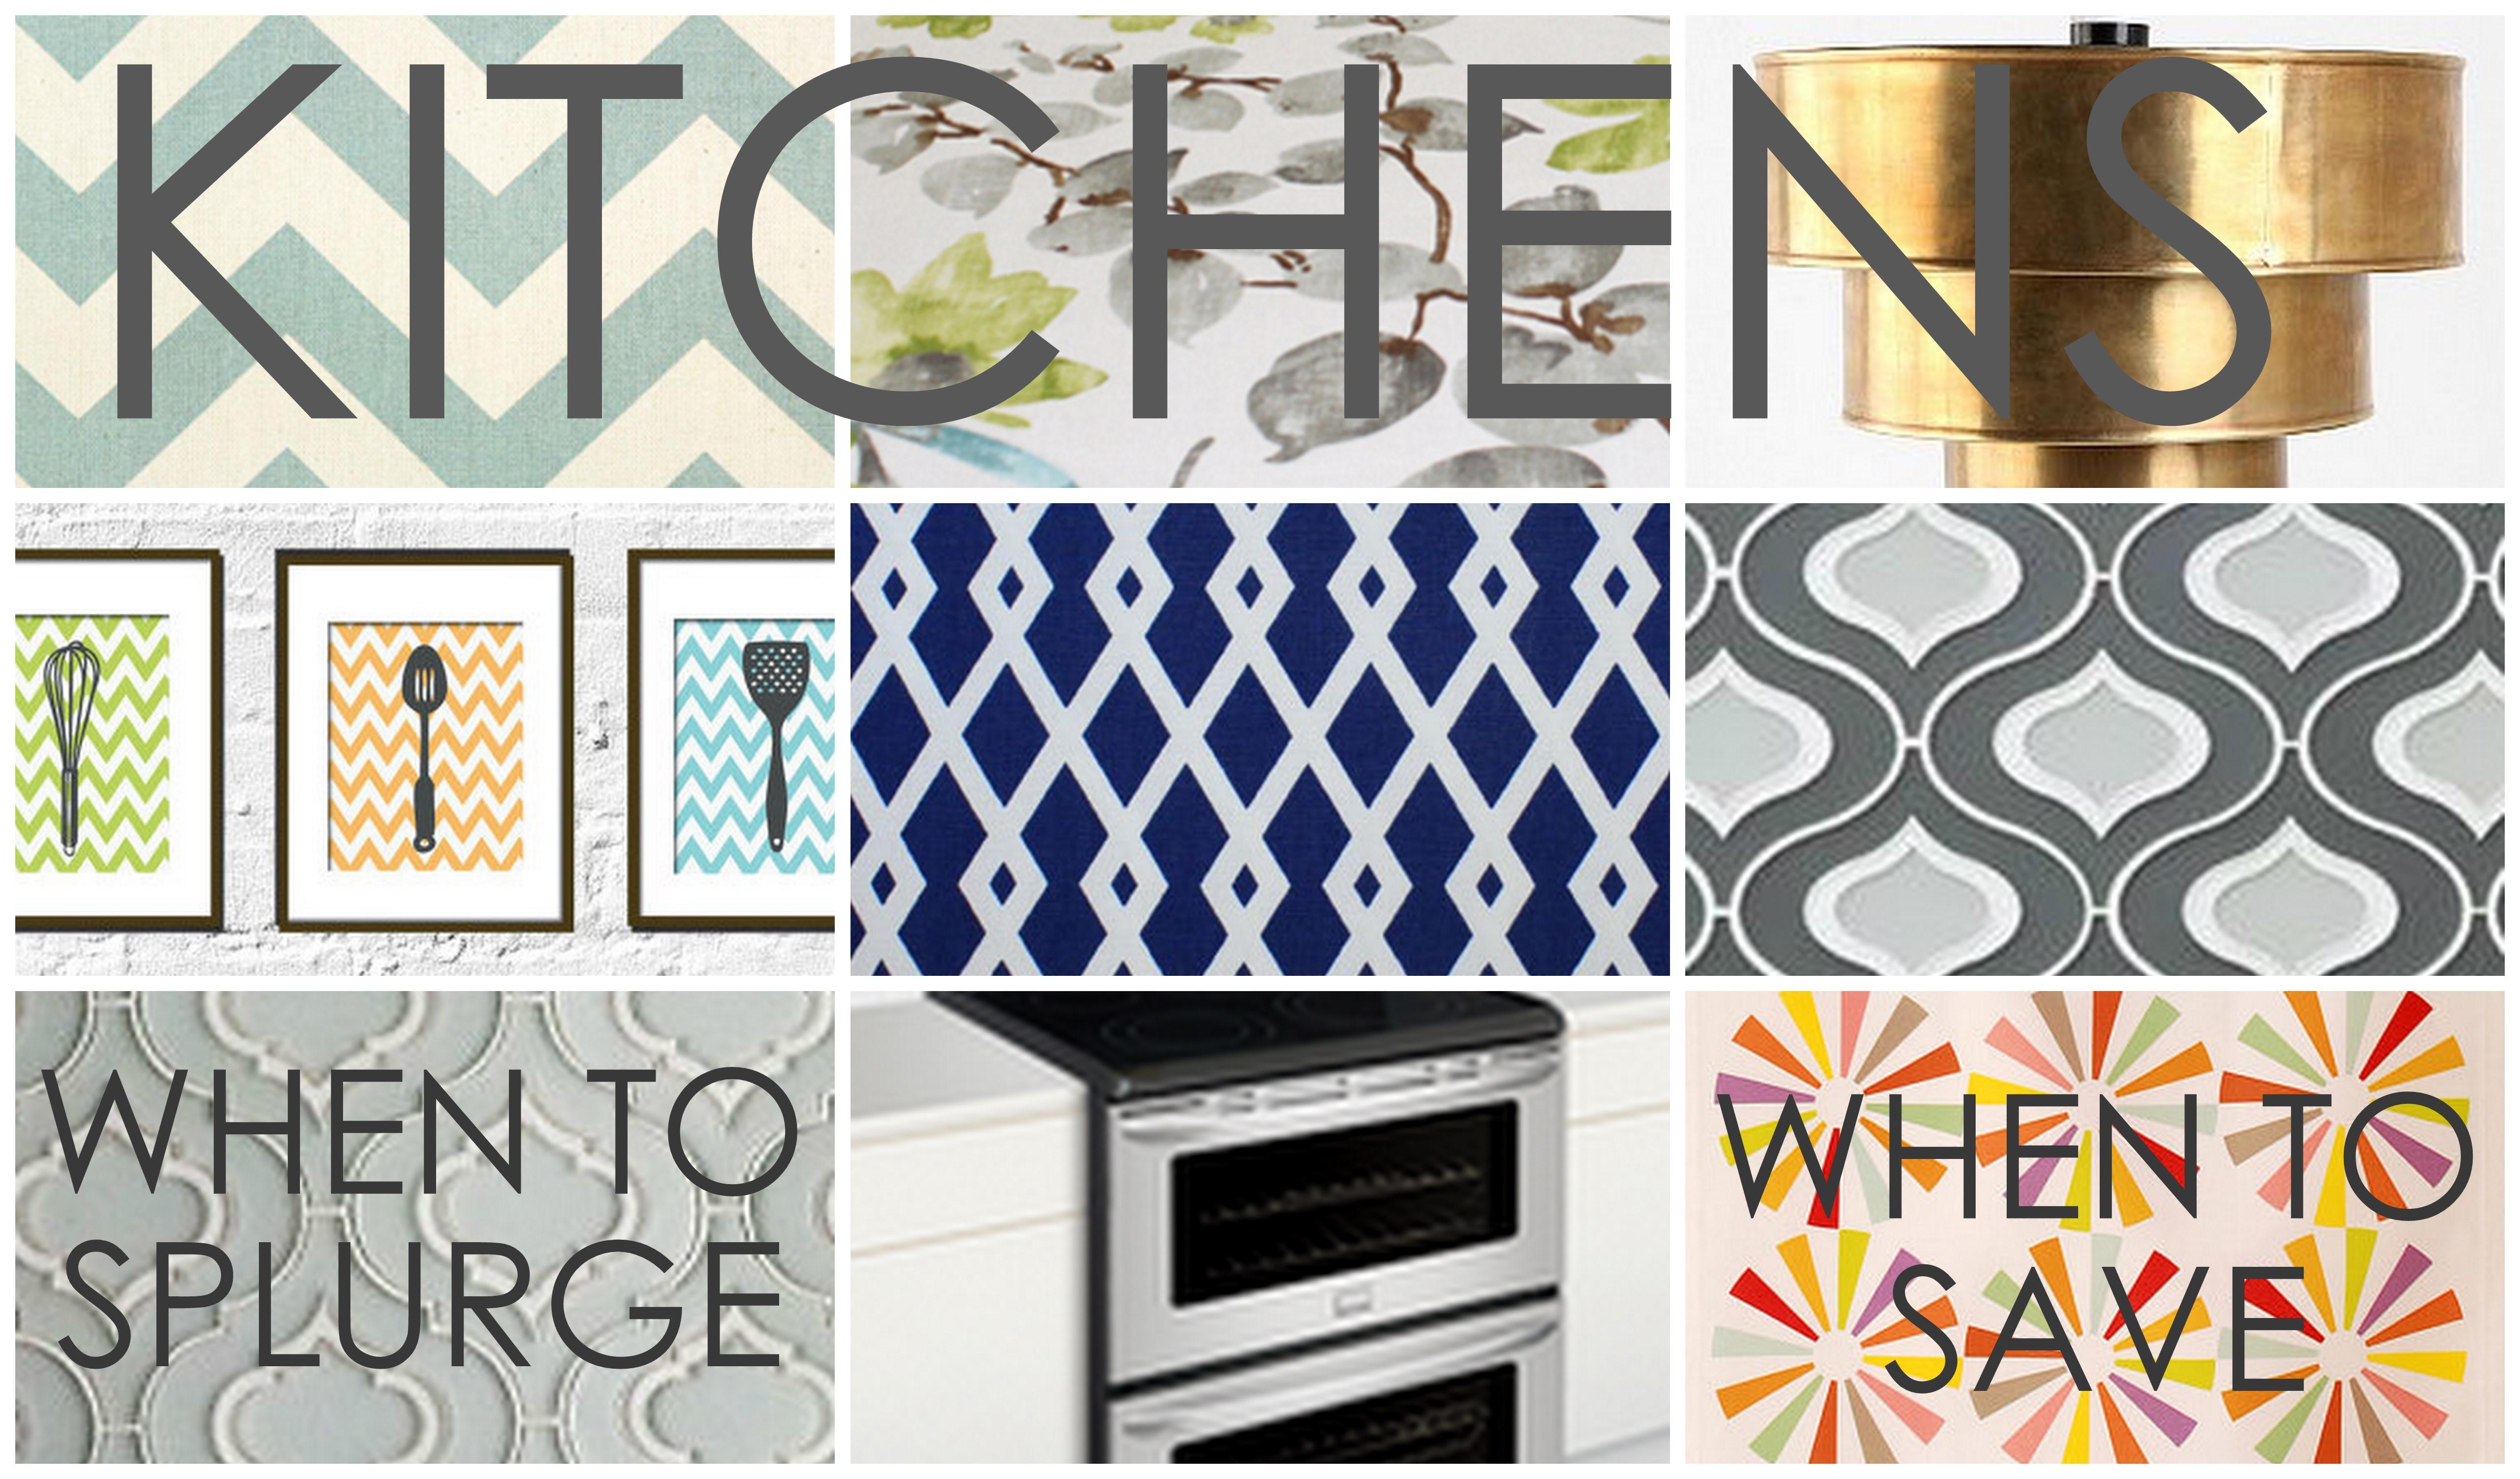 Kitchen Design: When To Splurge, When To Save